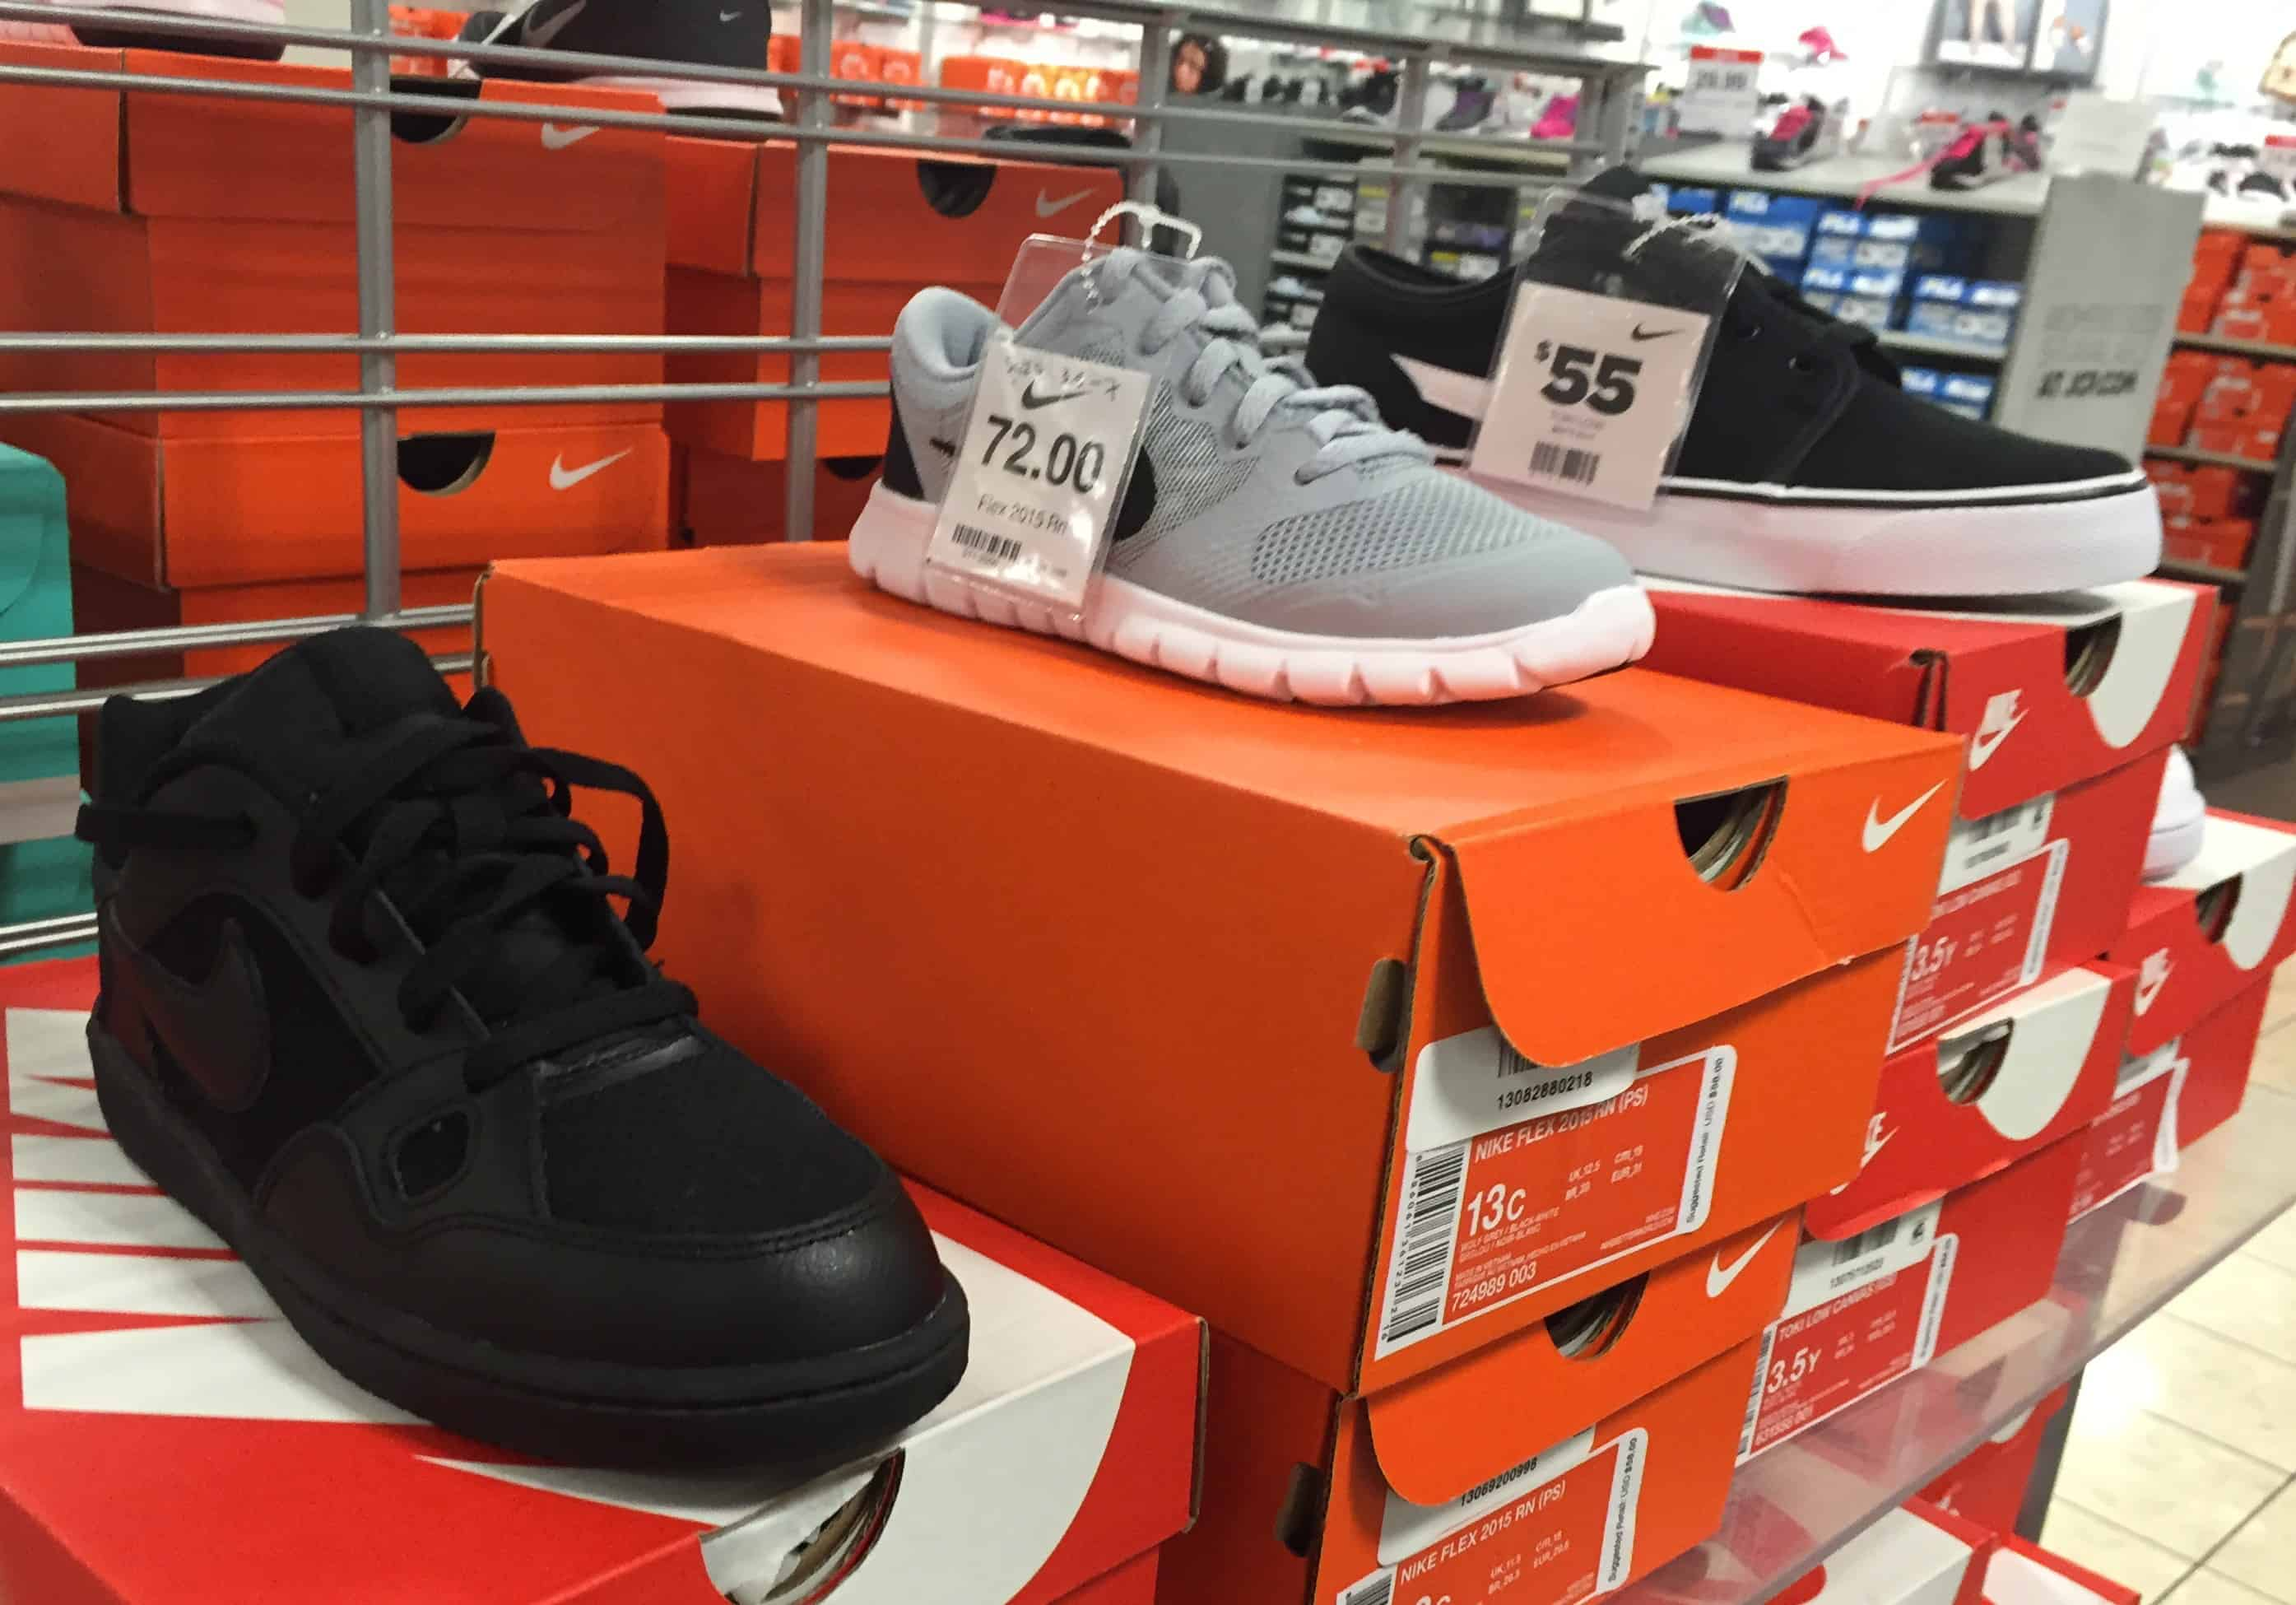 27e44639b160b Compre 2 APAGADO EN CUALQUIER CASO precios de zapatillas nike en ...